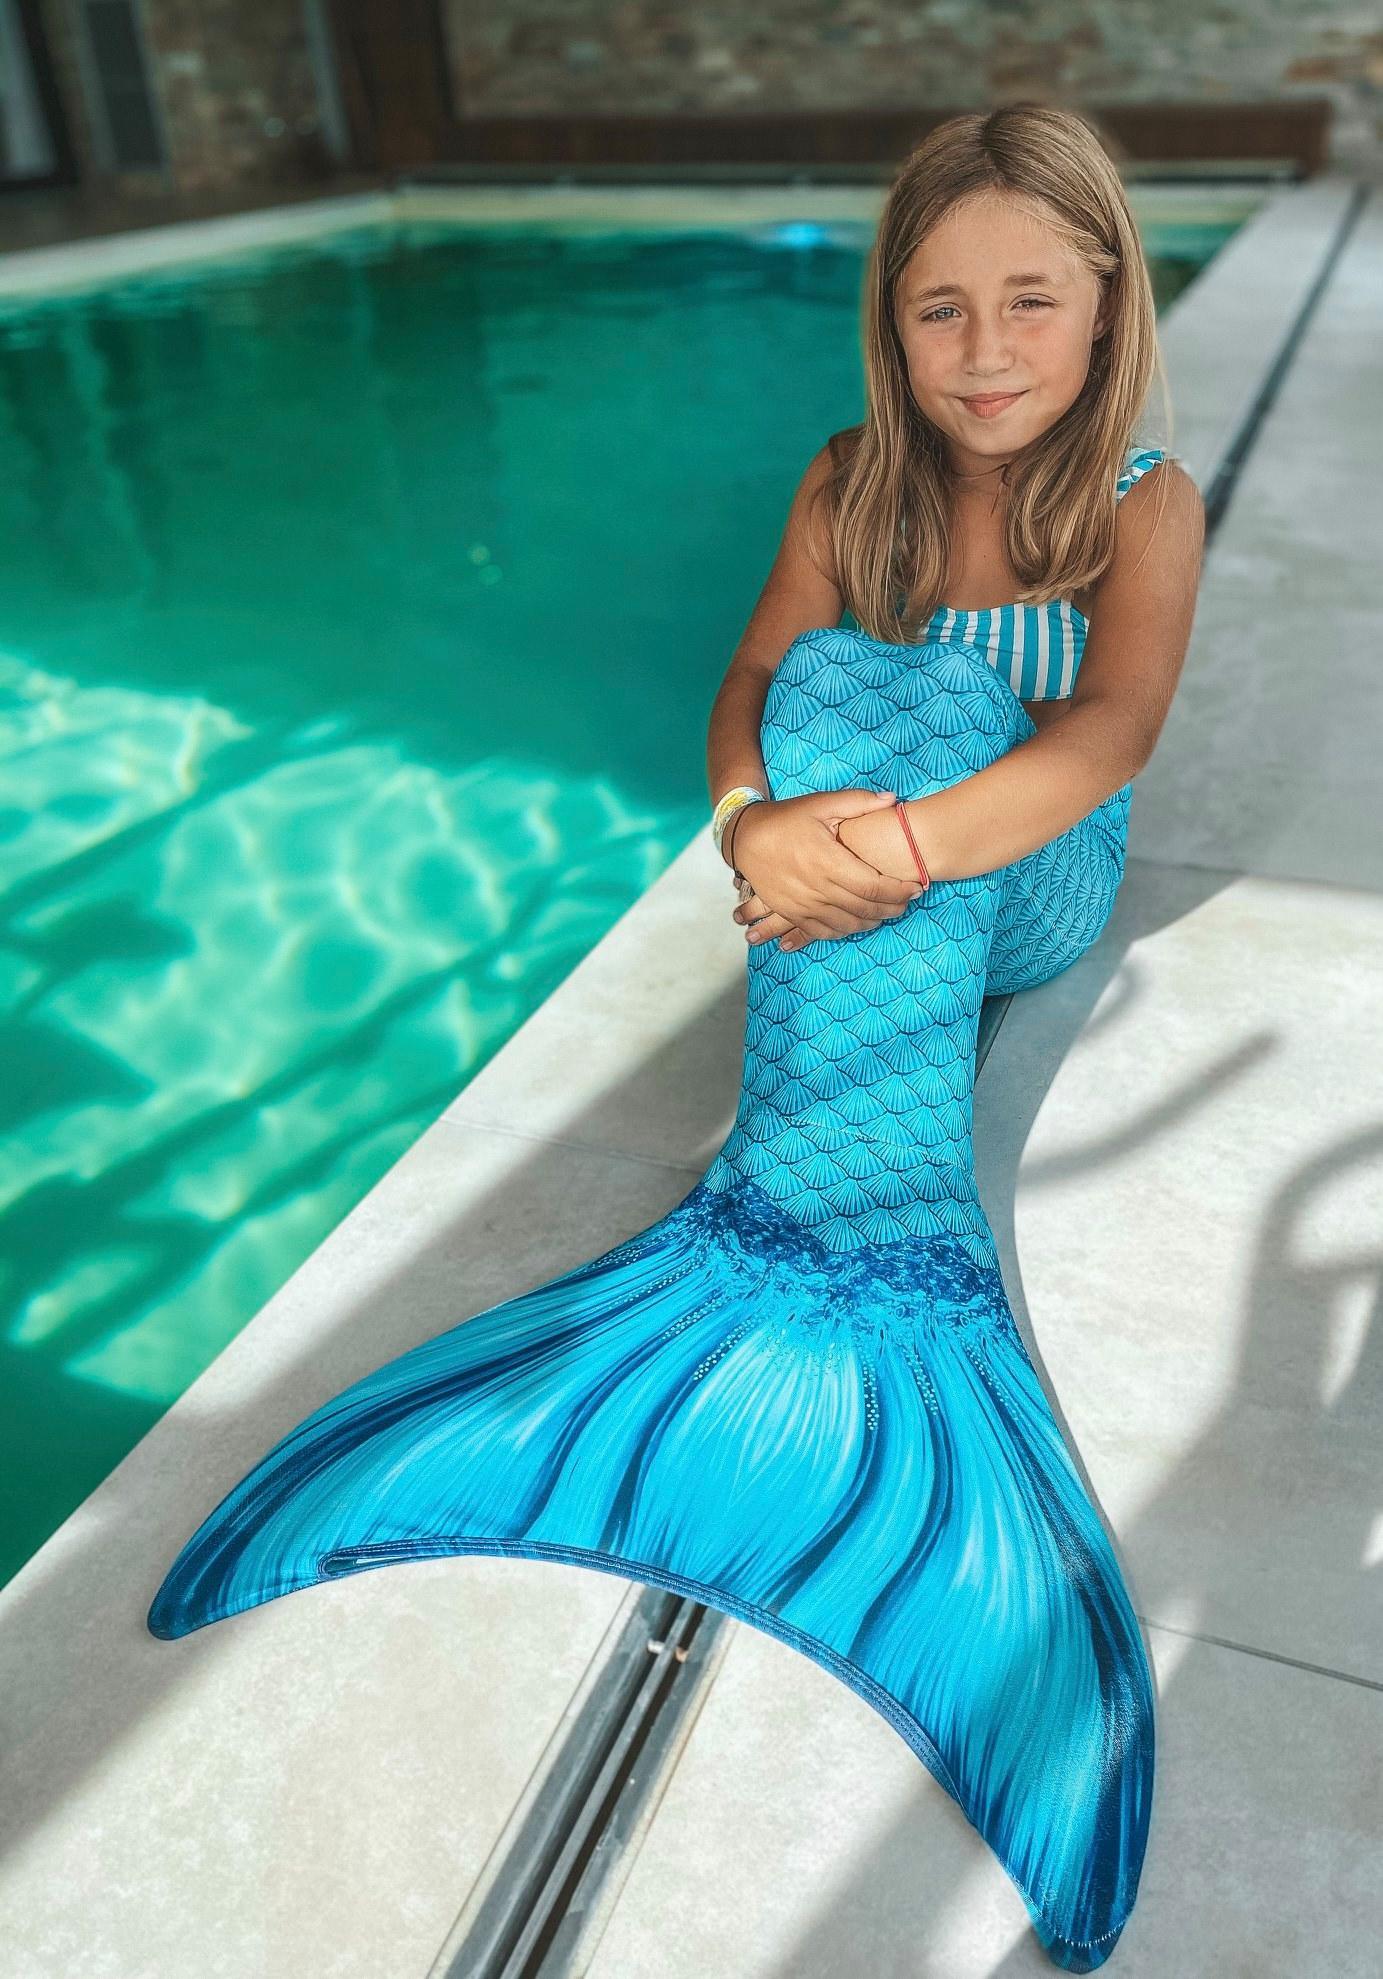 aquadream-temploux.be_piscine-bio_Aquasirene-7